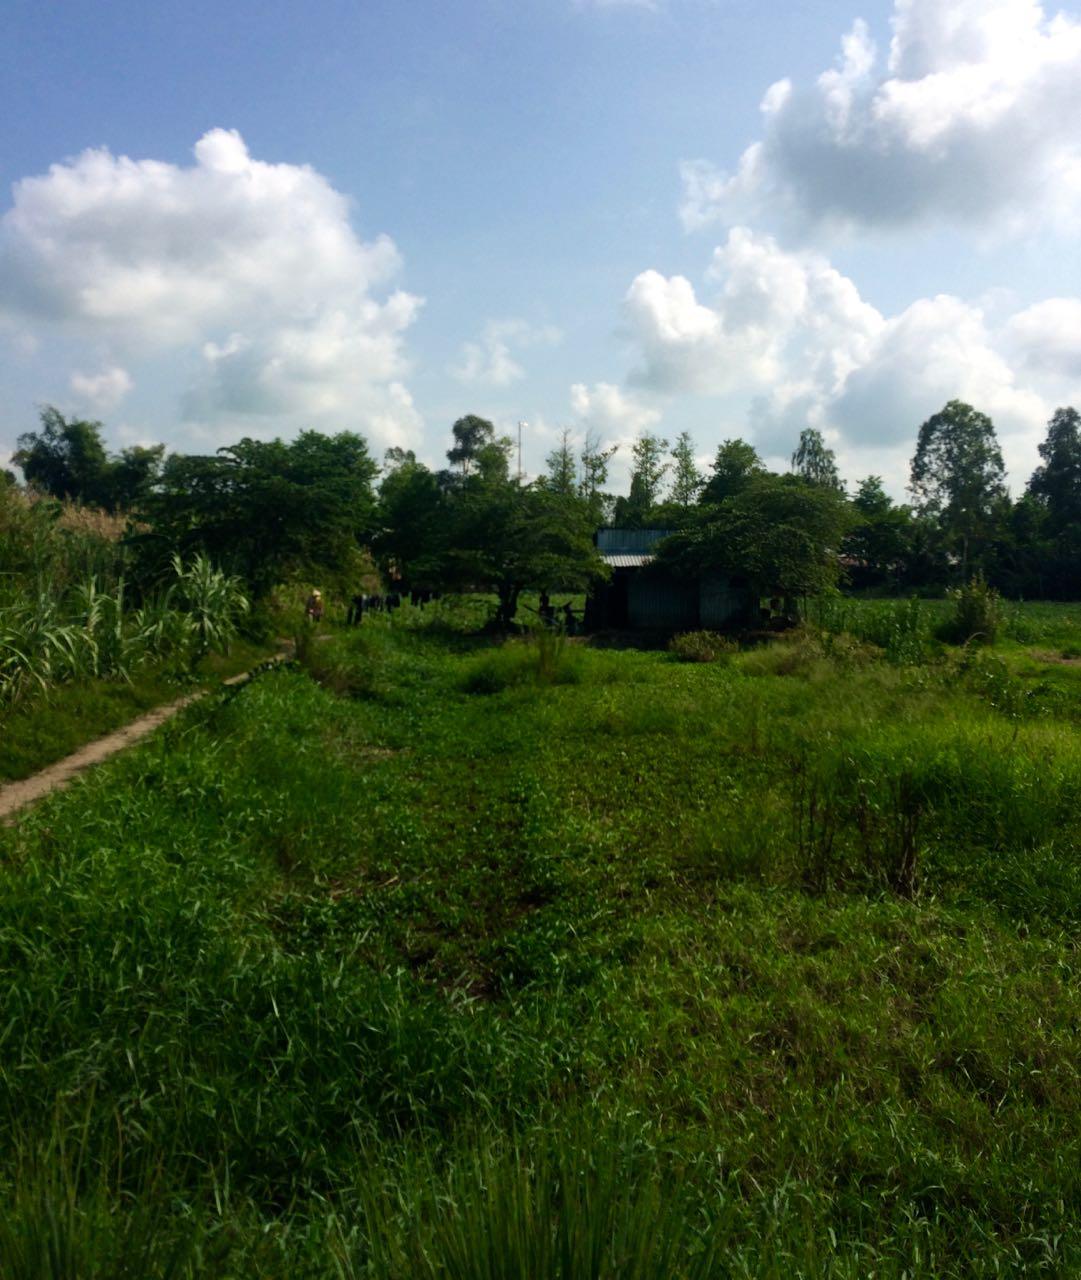 Cờ Đỏ District, Cần Thơ City, Vietnam (Photo: Sarah Allen)